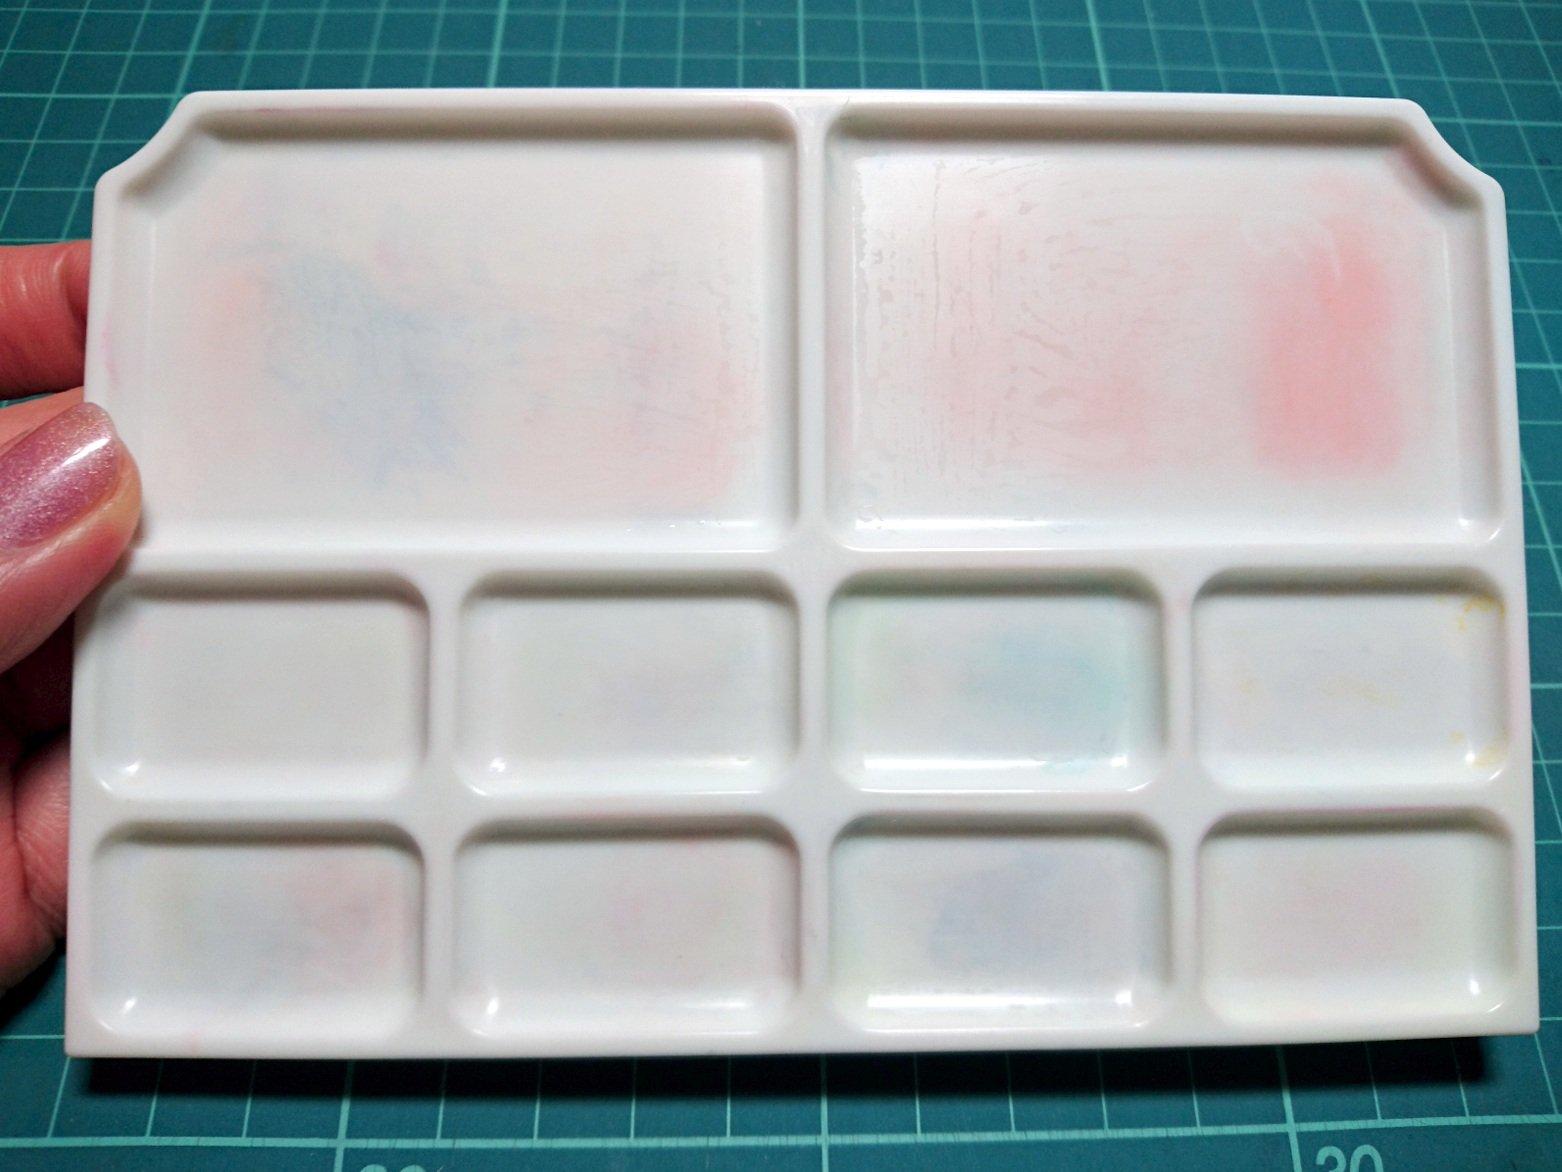 えるしっているか 洗っても落ちないパレットの汚れは 消しゴムで綺麗に消せる